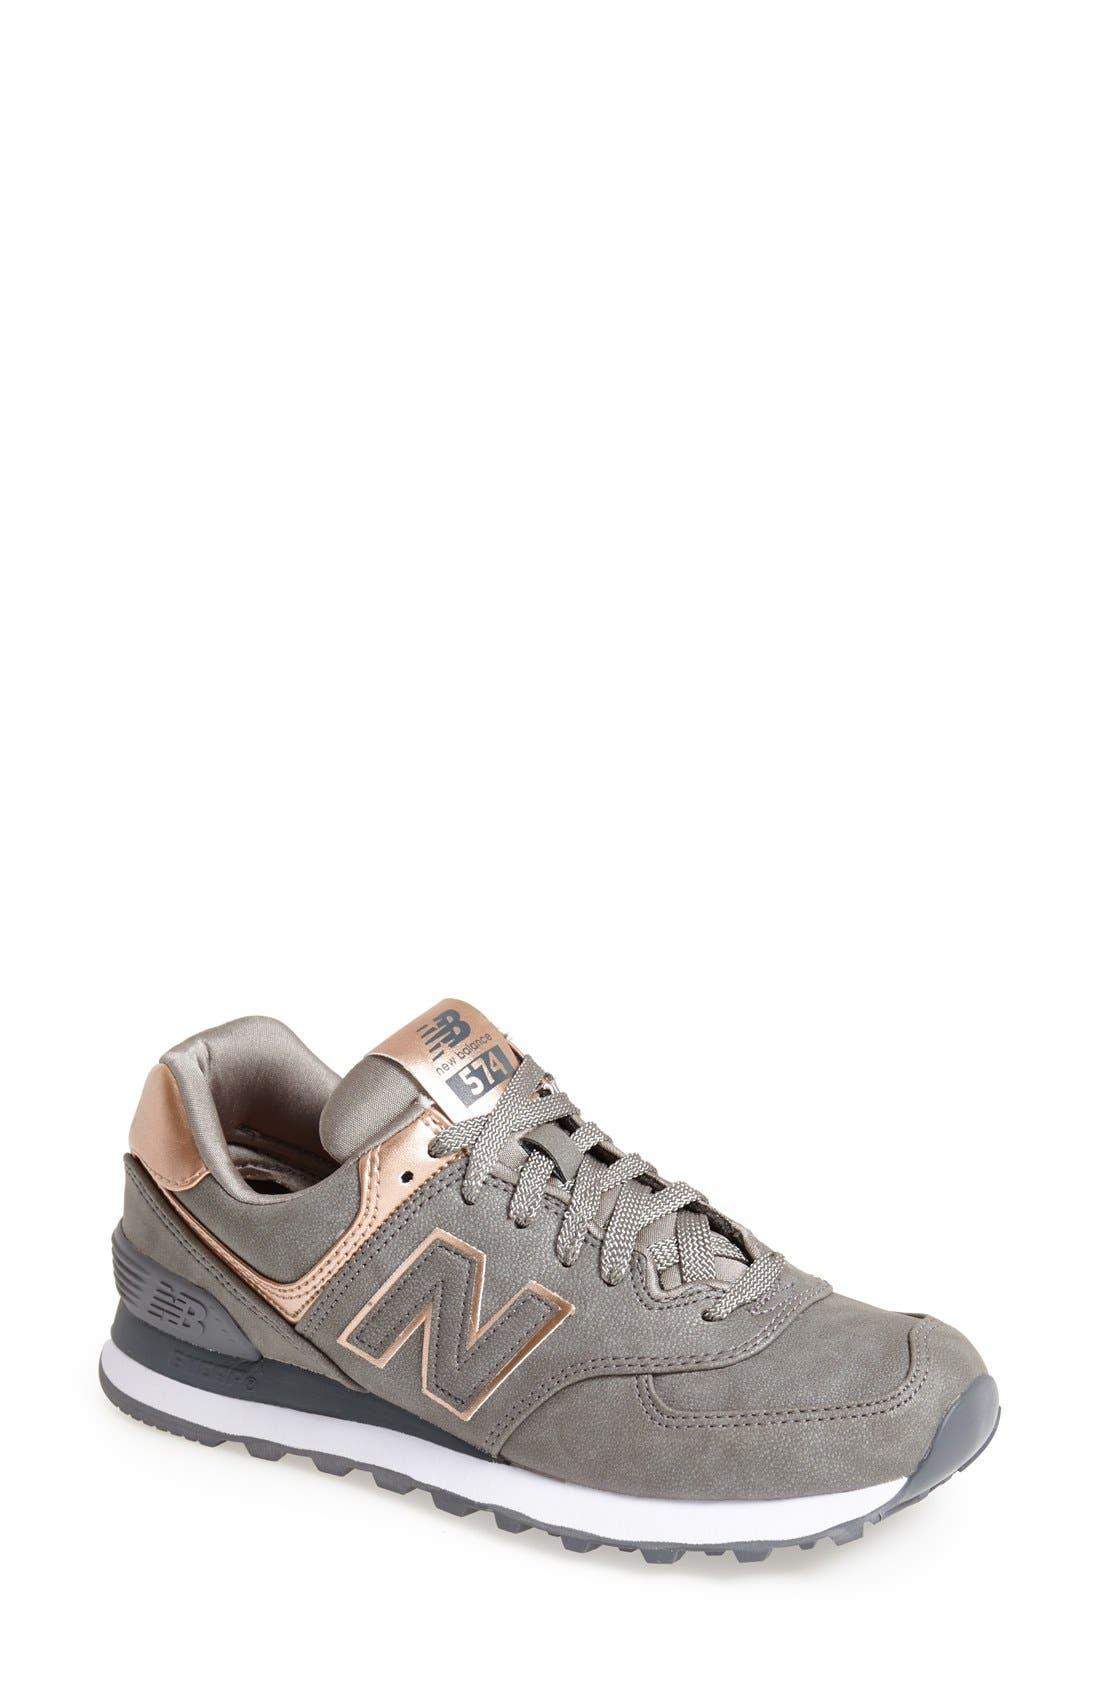 '574 - Precious Metals' Sneaker,                         Main,                         color, 040